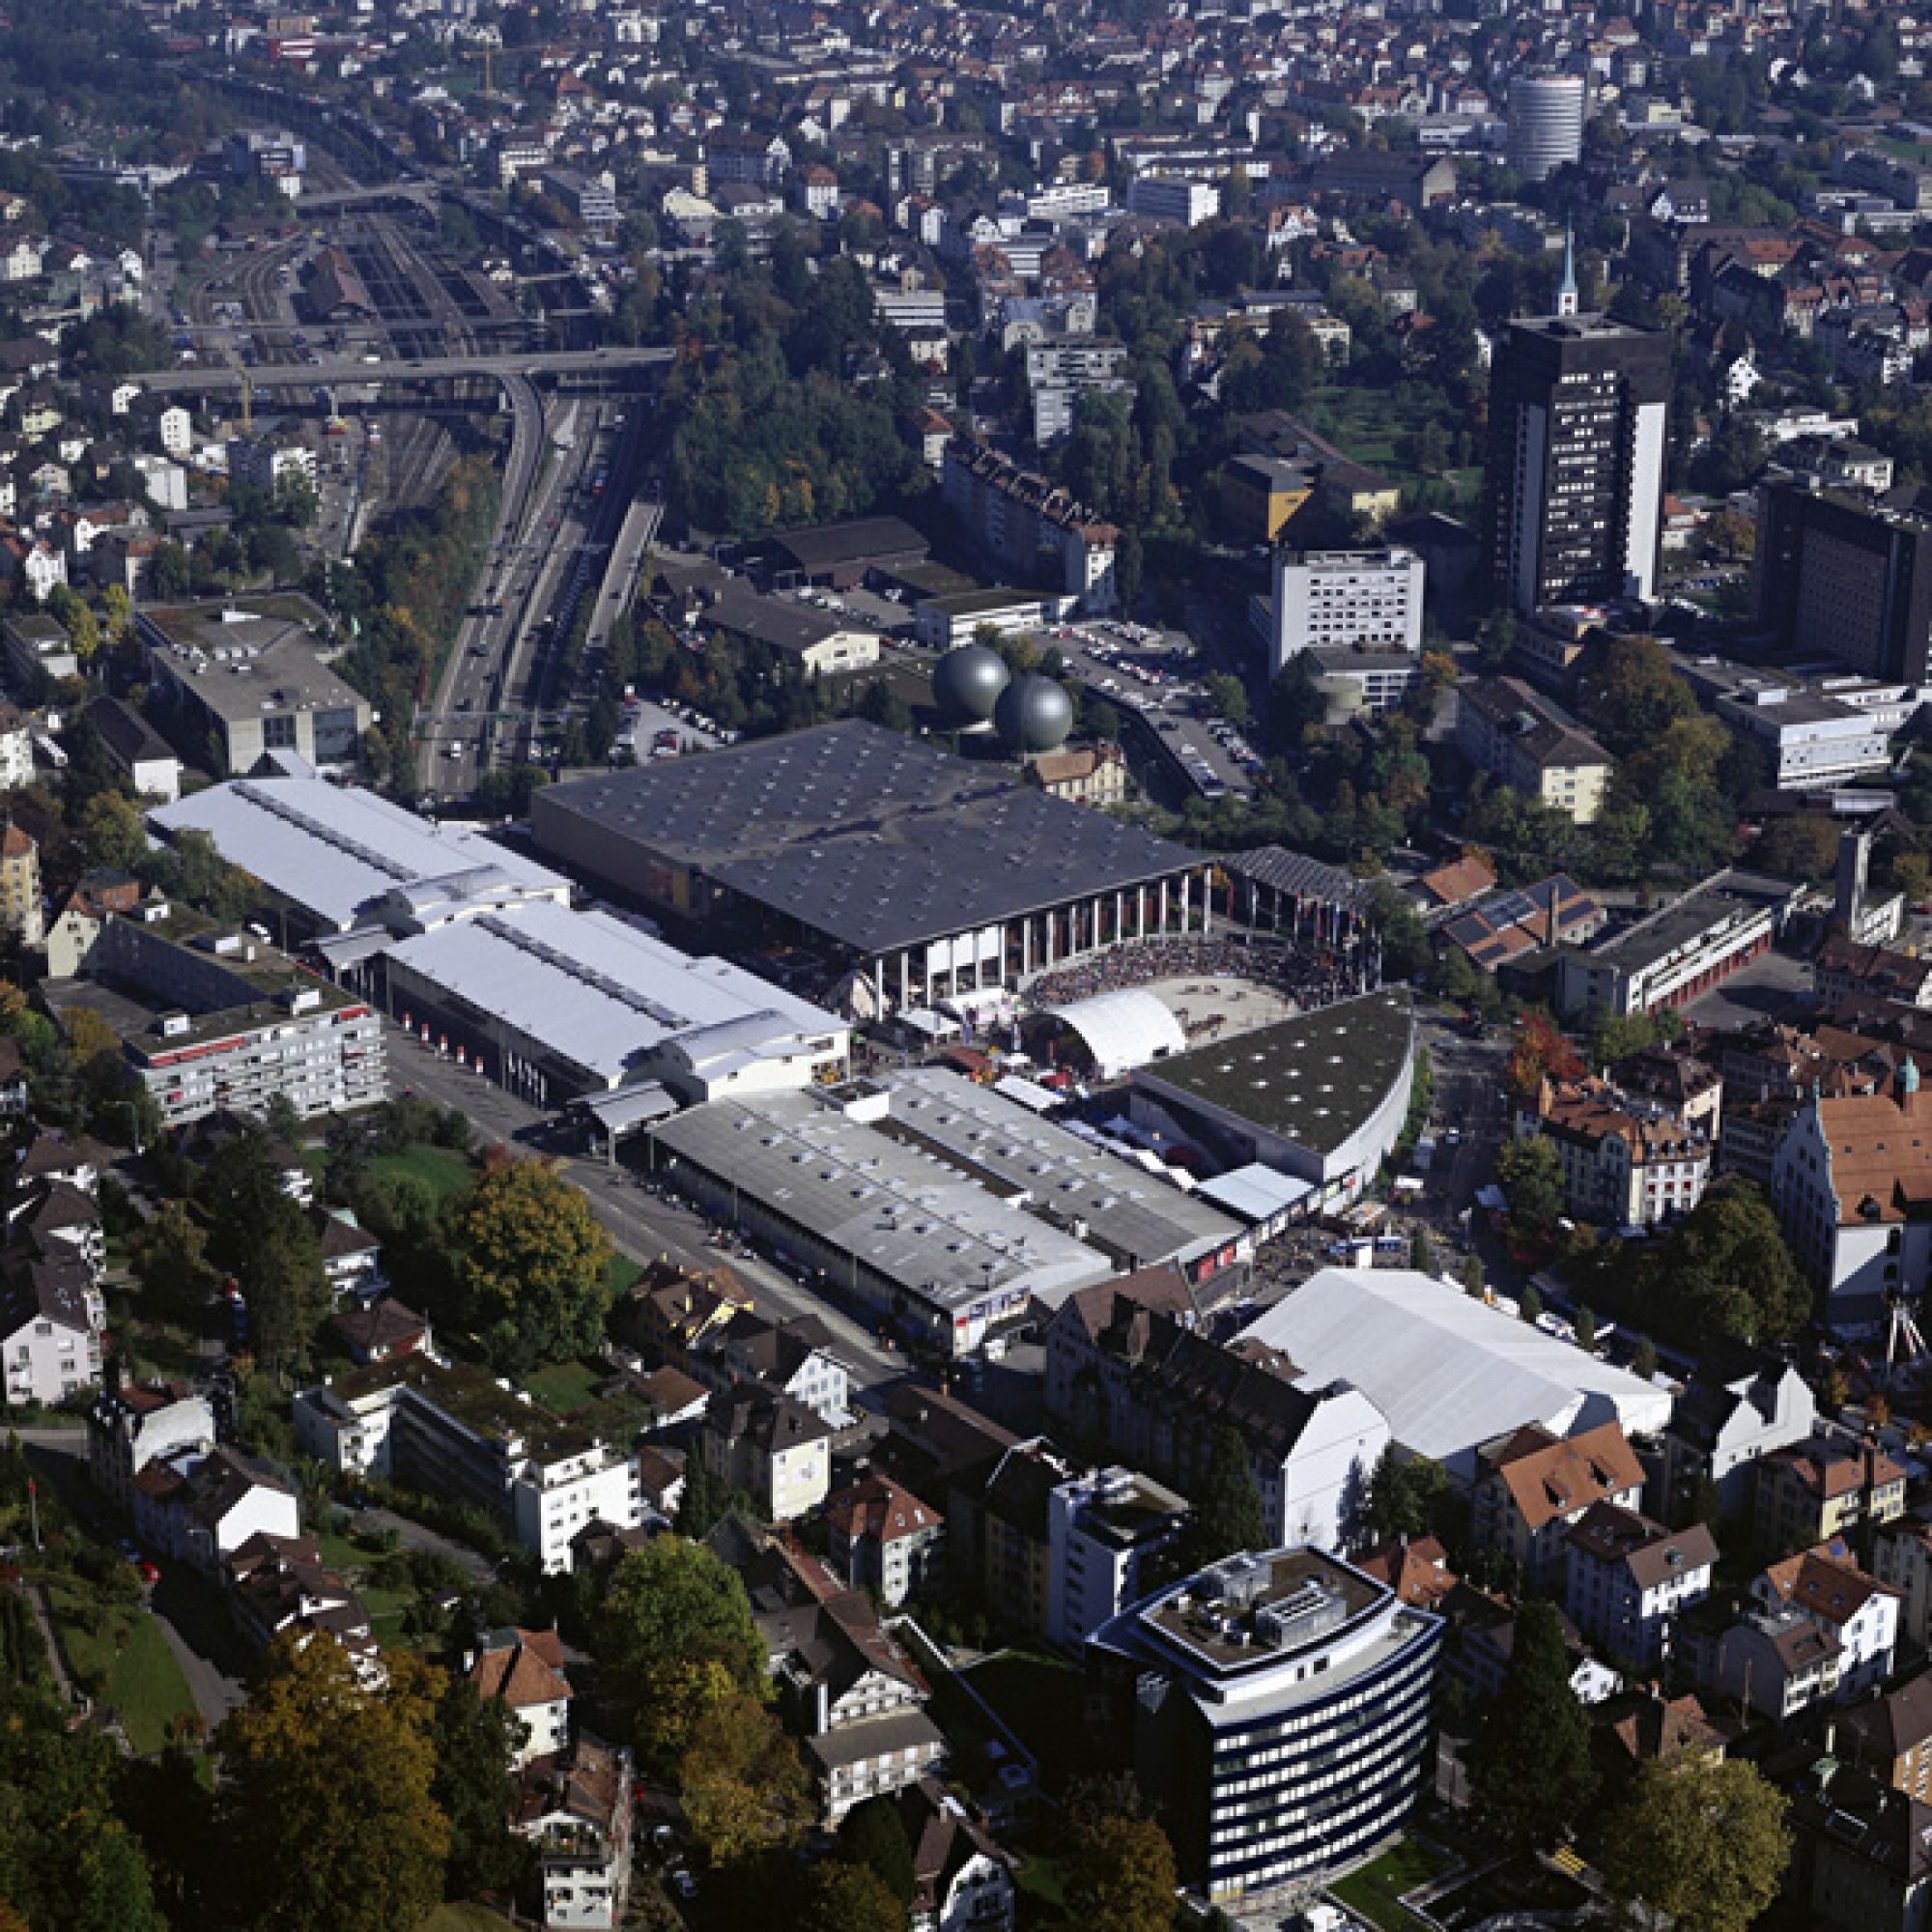 Olma-Messegelände (R. Kühne/Olma Messen St. Gallen)